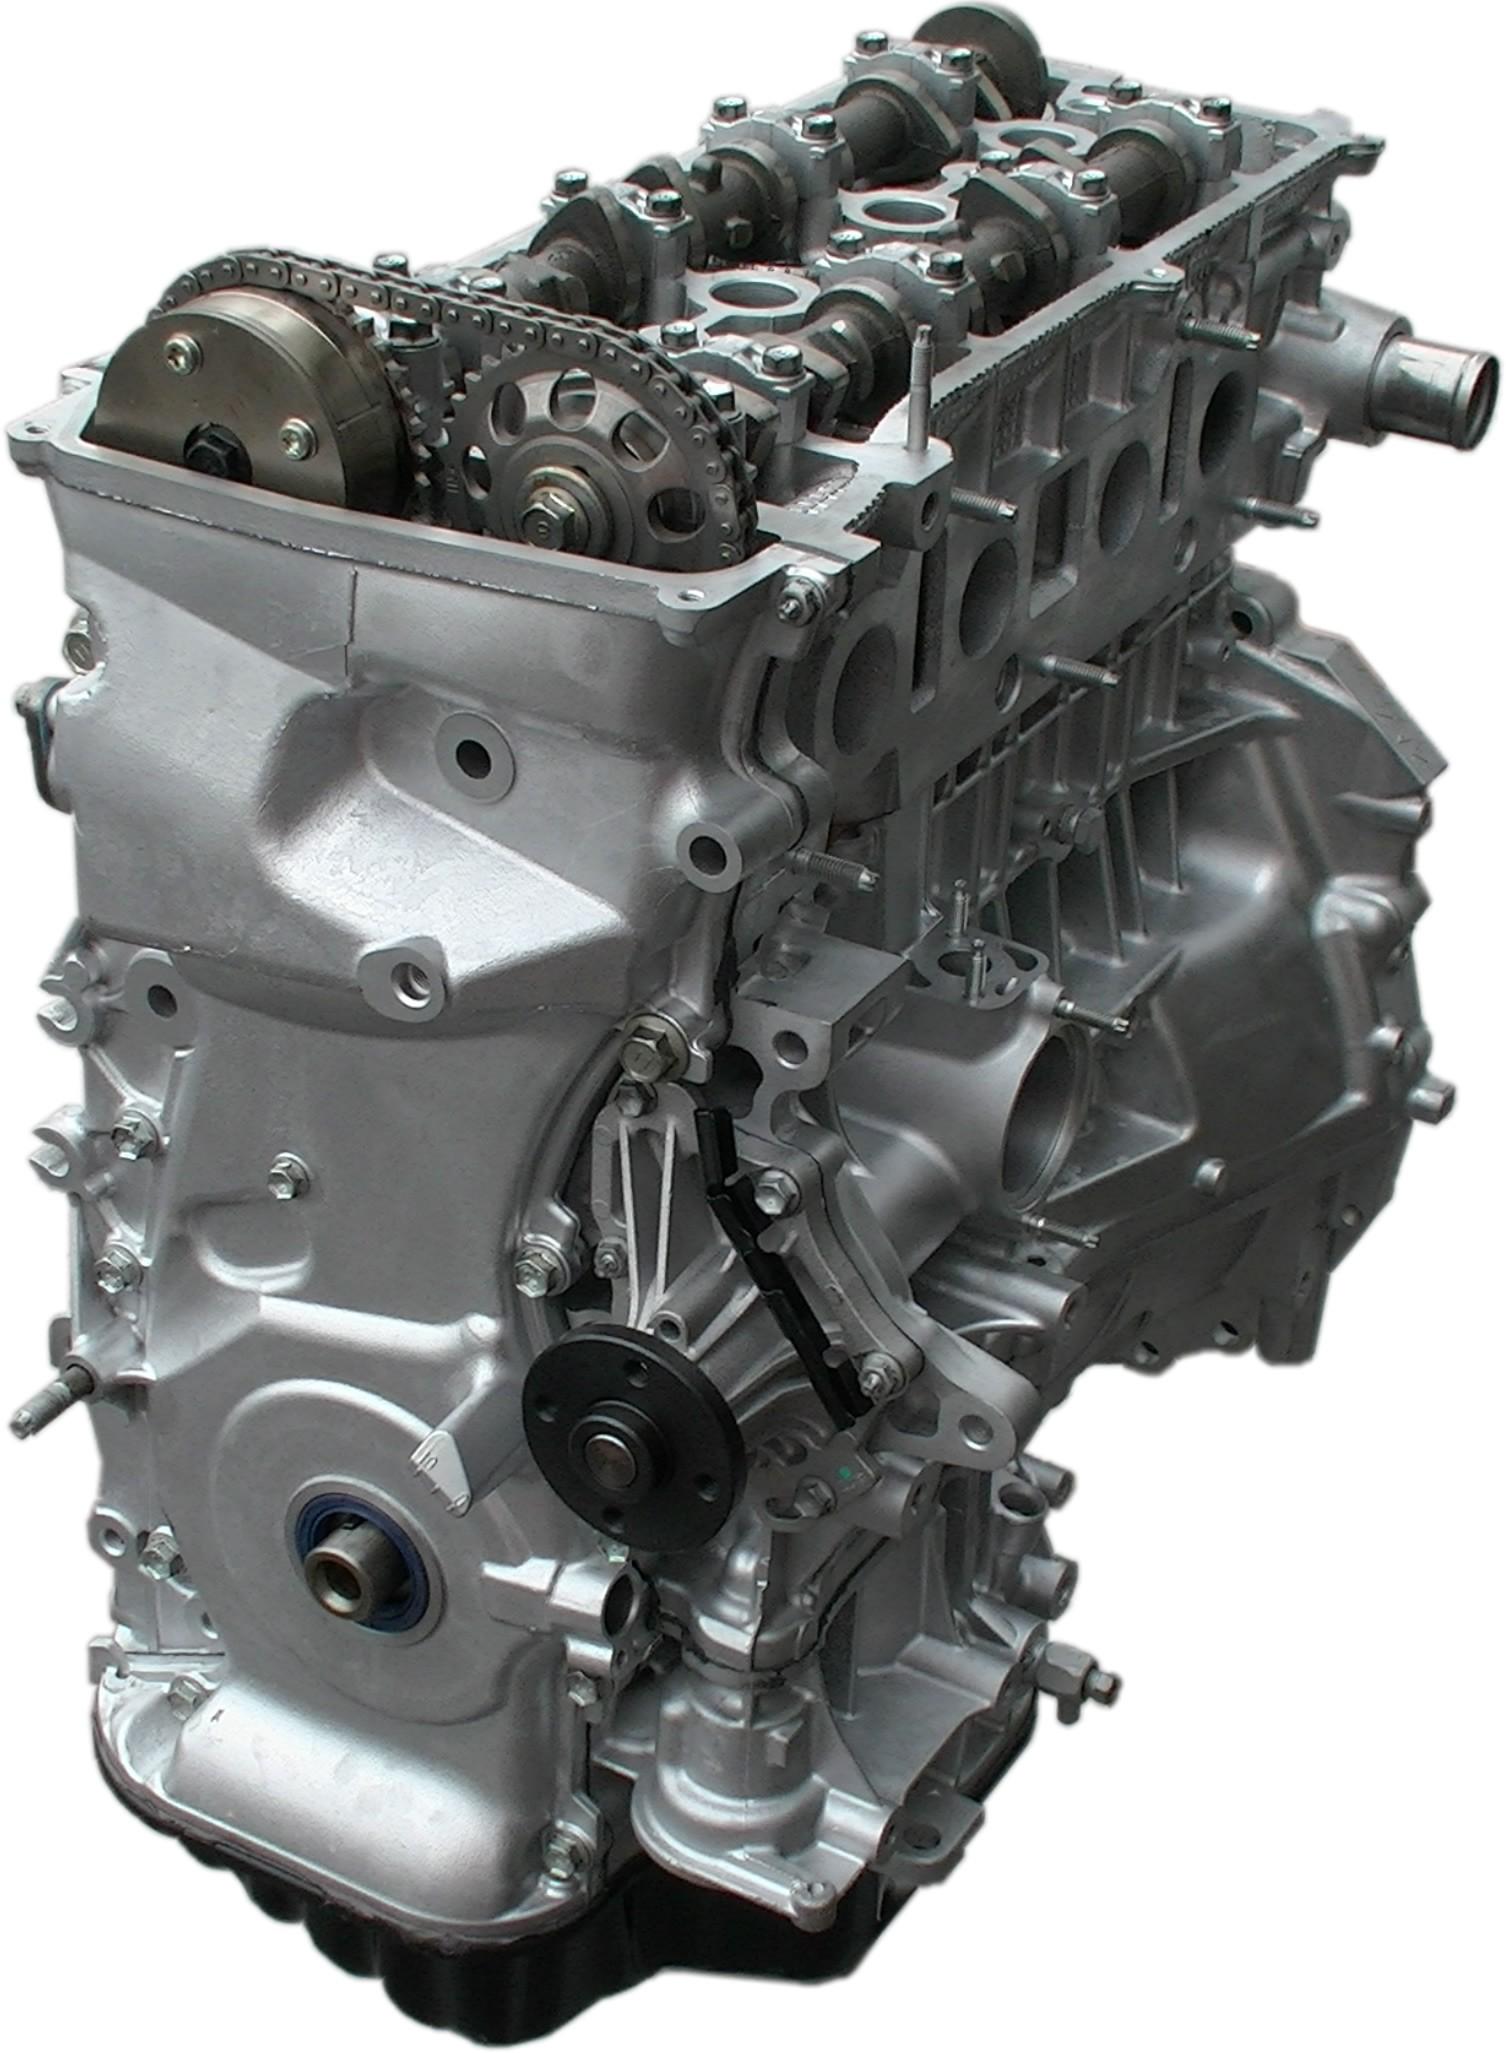 Rebuilt 02-09 Toyota Camry 2.4L 4cyl 2AZFE Longblock ...